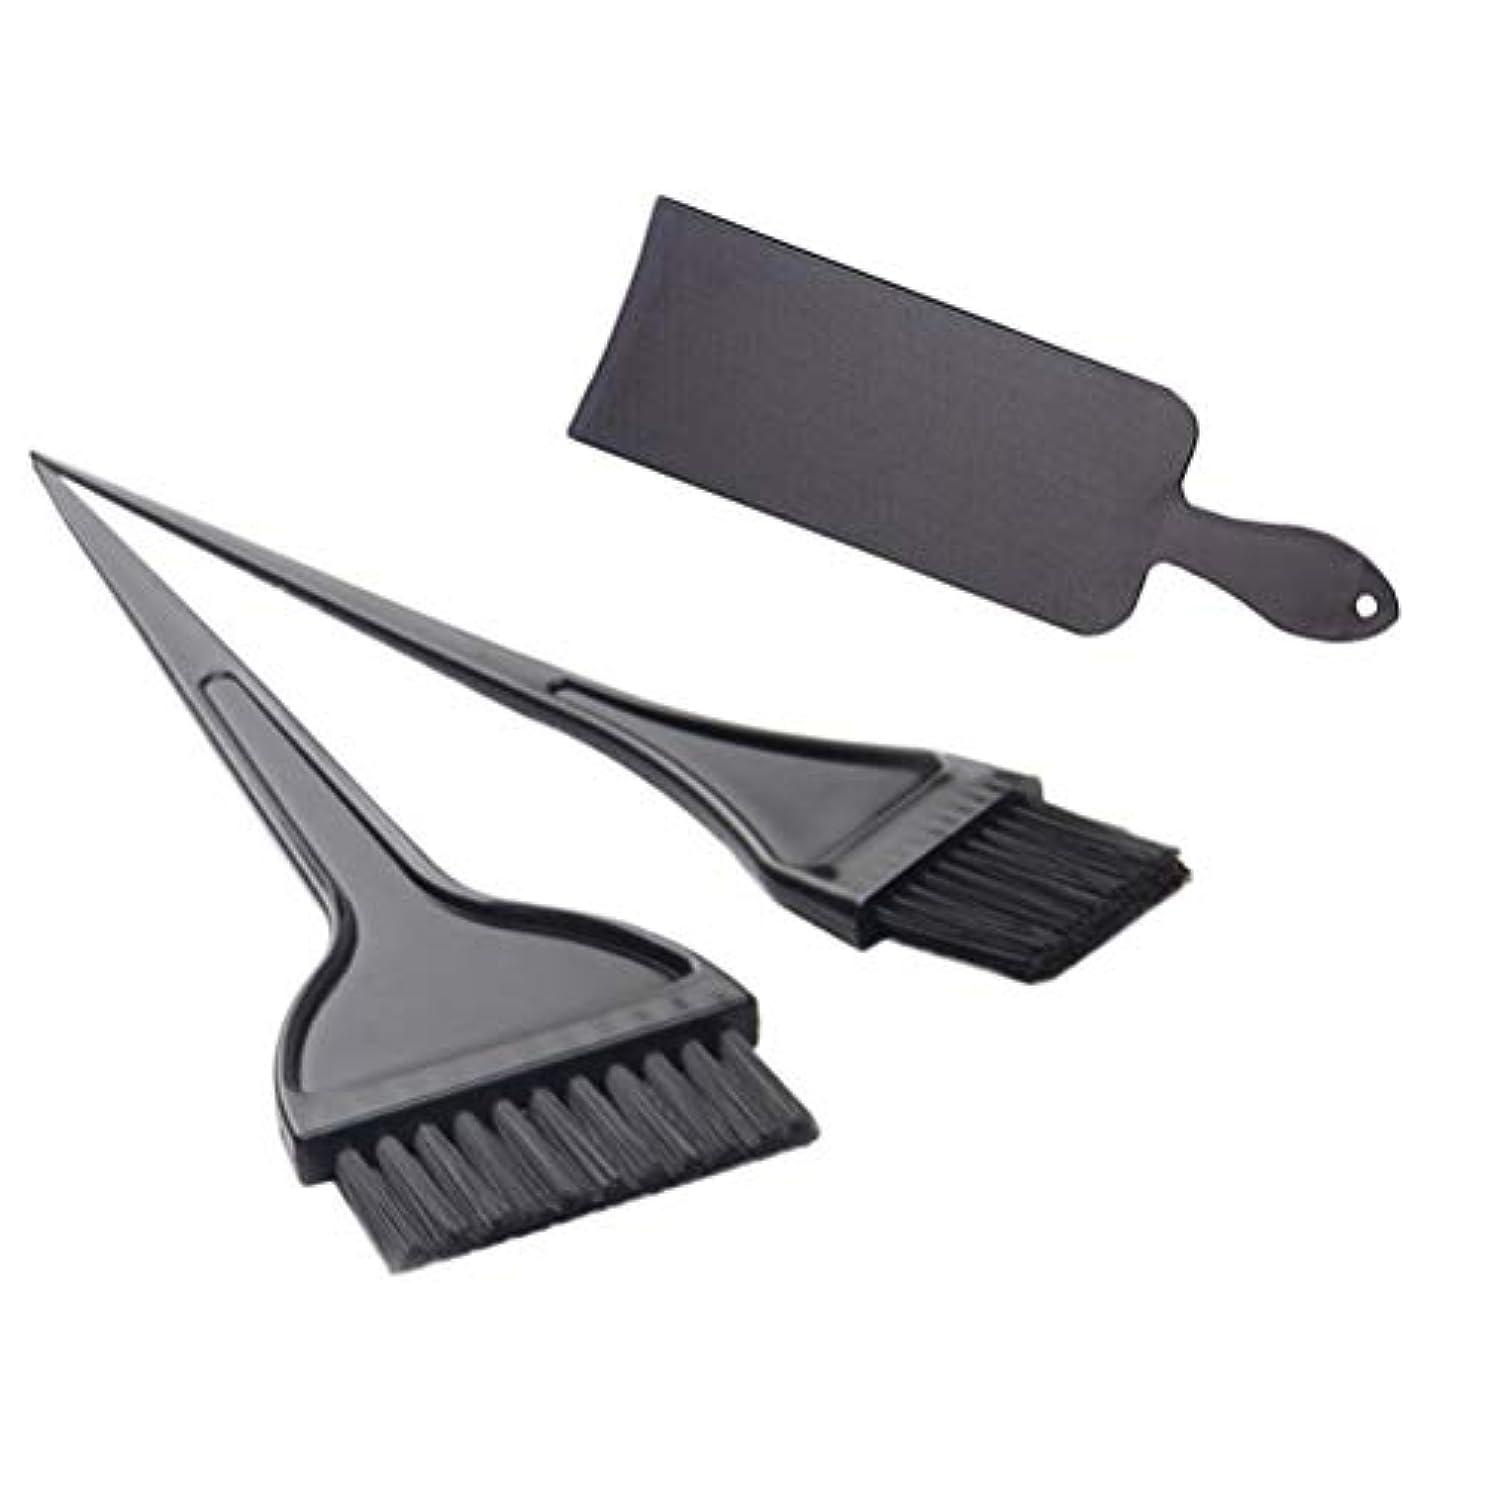 ライター原因素人Healiftyヘア染色ブラシプレートプロフェッショナルカラーリングアプリケータツールキットヘアブリーチティンティングブラシツール3ピース